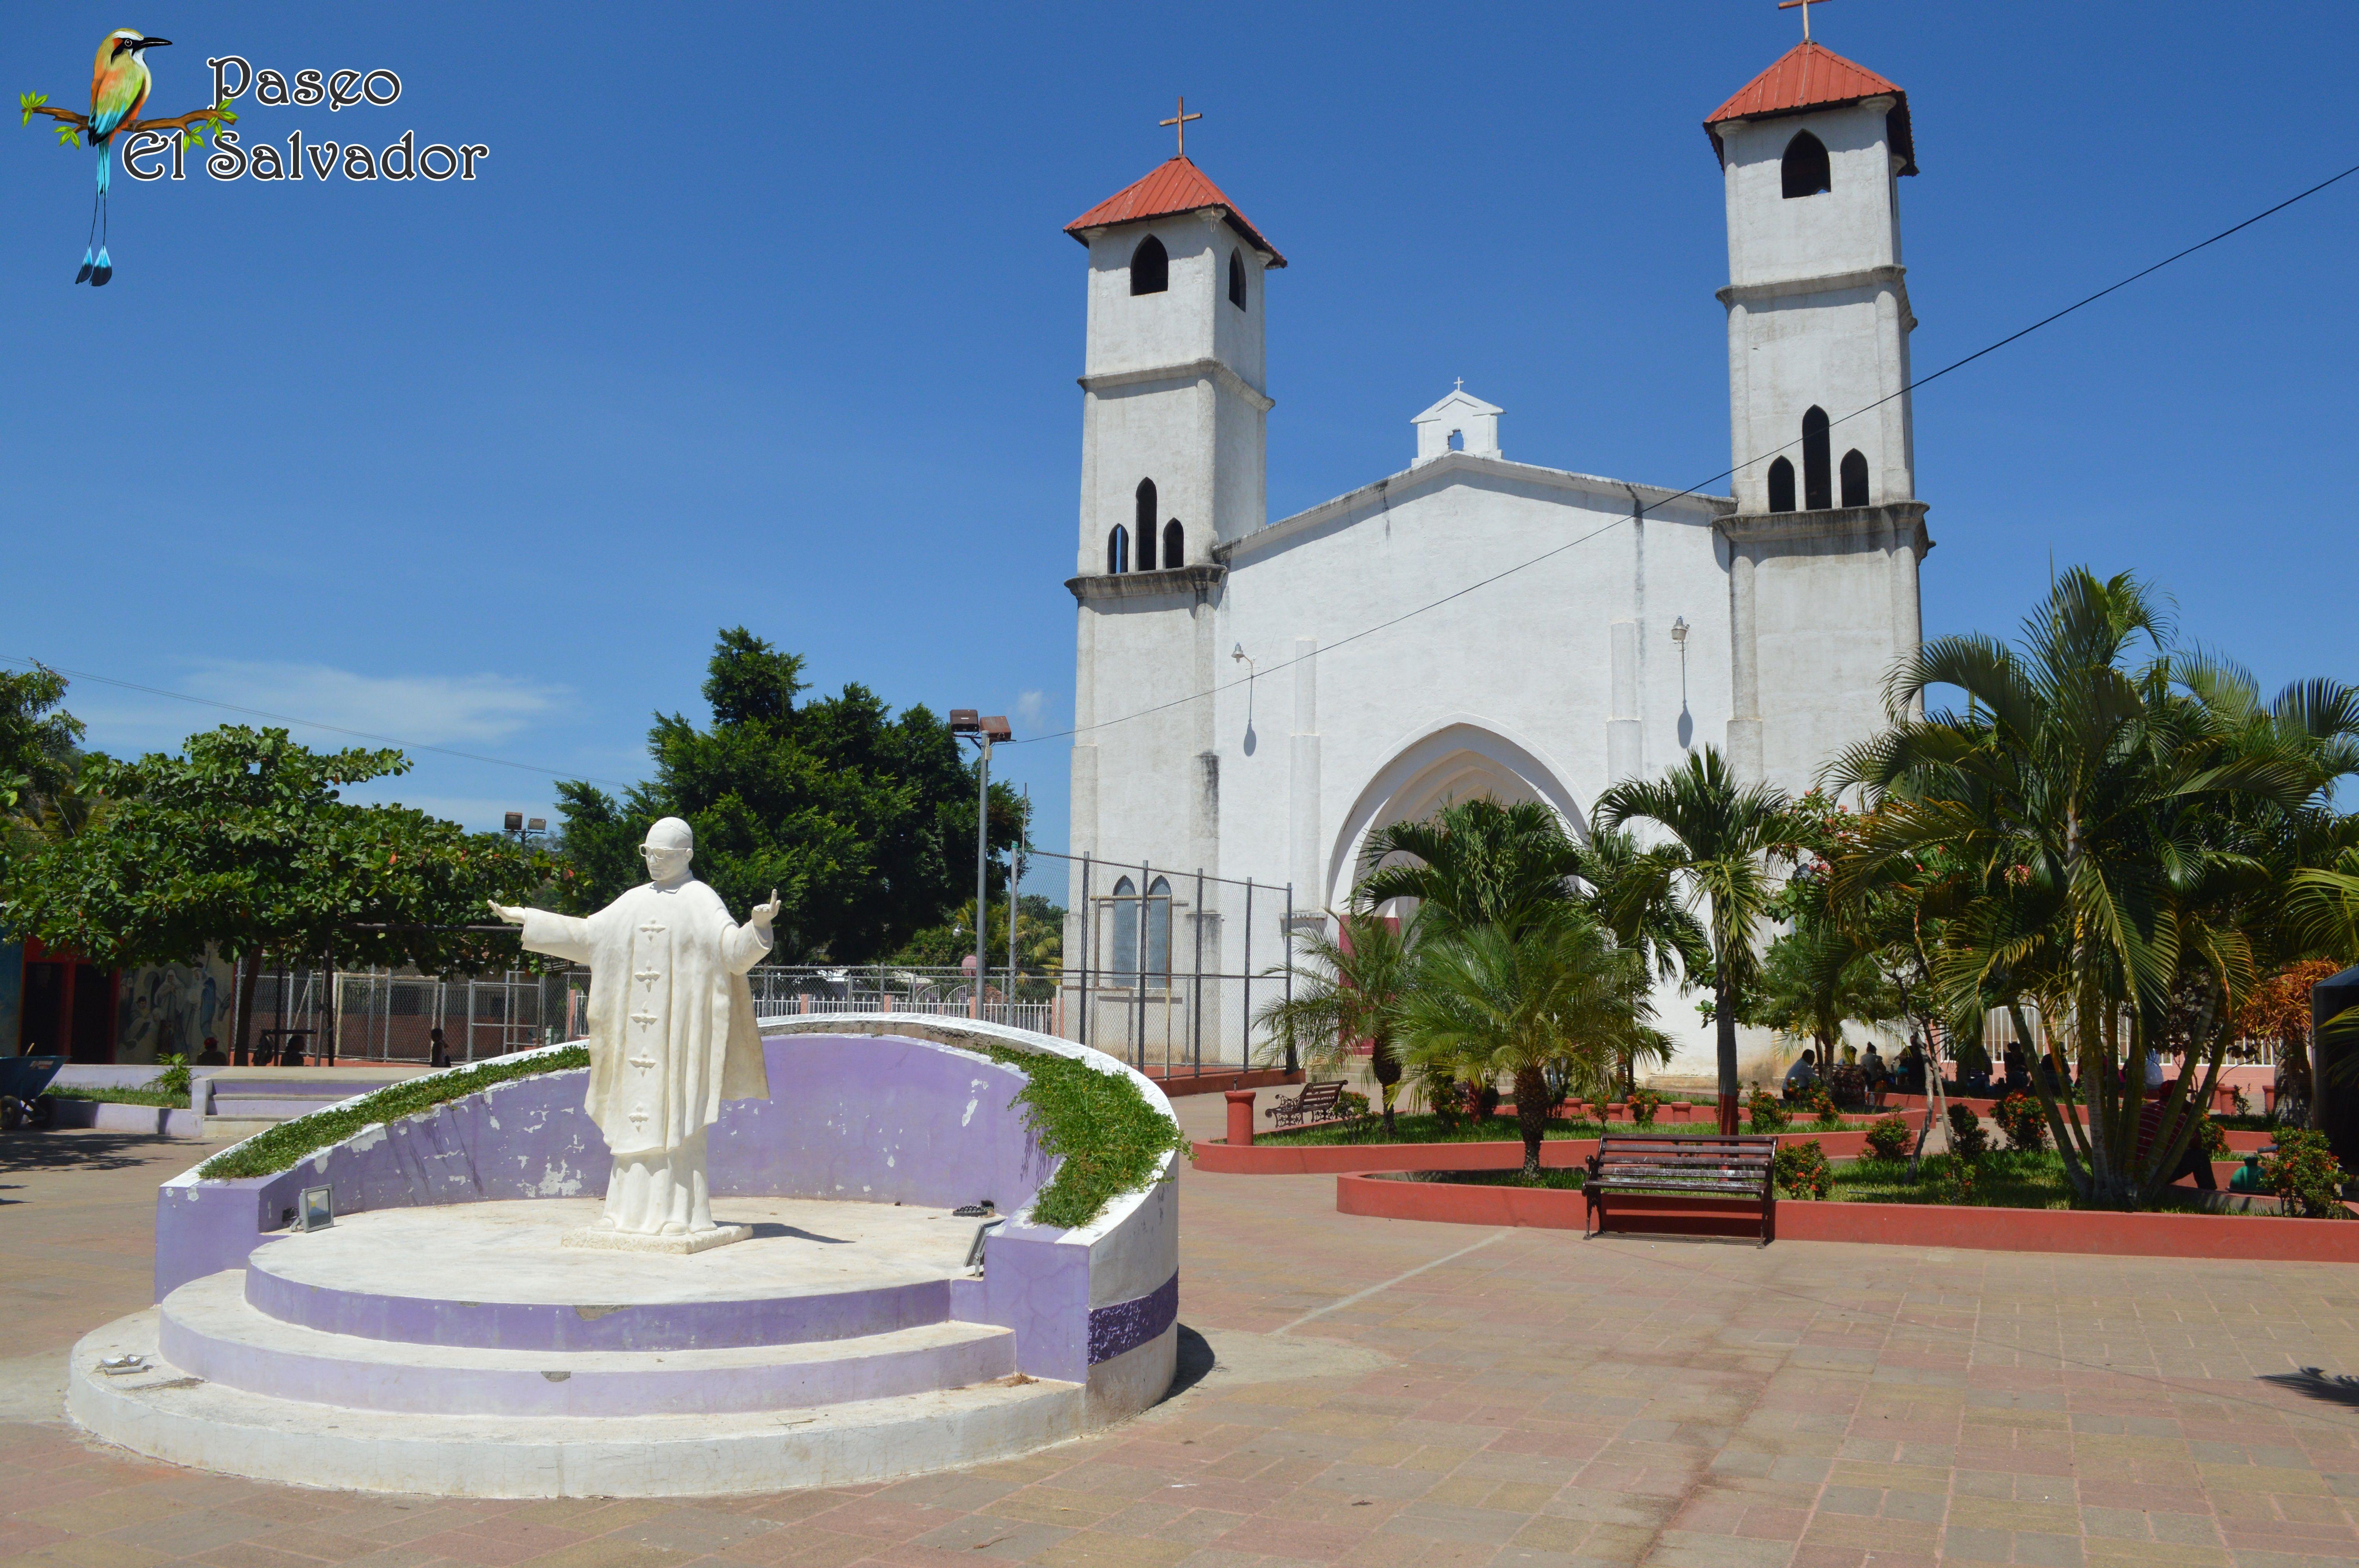 La hermosa iglesia y el monumento a Monseñor Oscar Arnulfo Romero #HazTurismo en #ElSalvador #Visita #Jucuaran un bello pueblo del municipio de Usulután, con bella historia #PaseoElSalvador